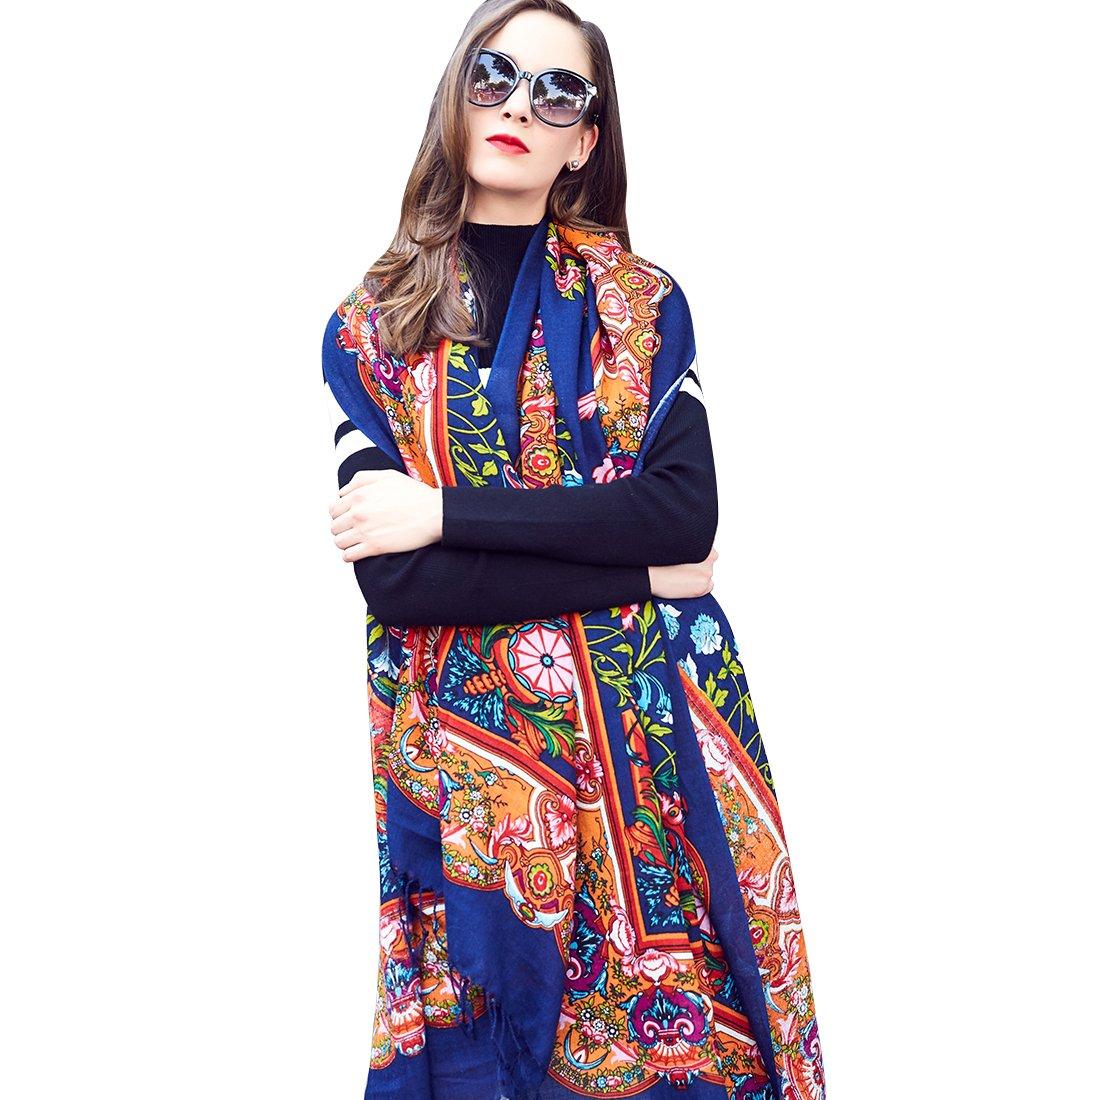 DANA XU 100% Pure Wool Women's Large Traditional Cultural Wear Pashmina Scarf (Navy Blue) by DANA XU (Image #1)